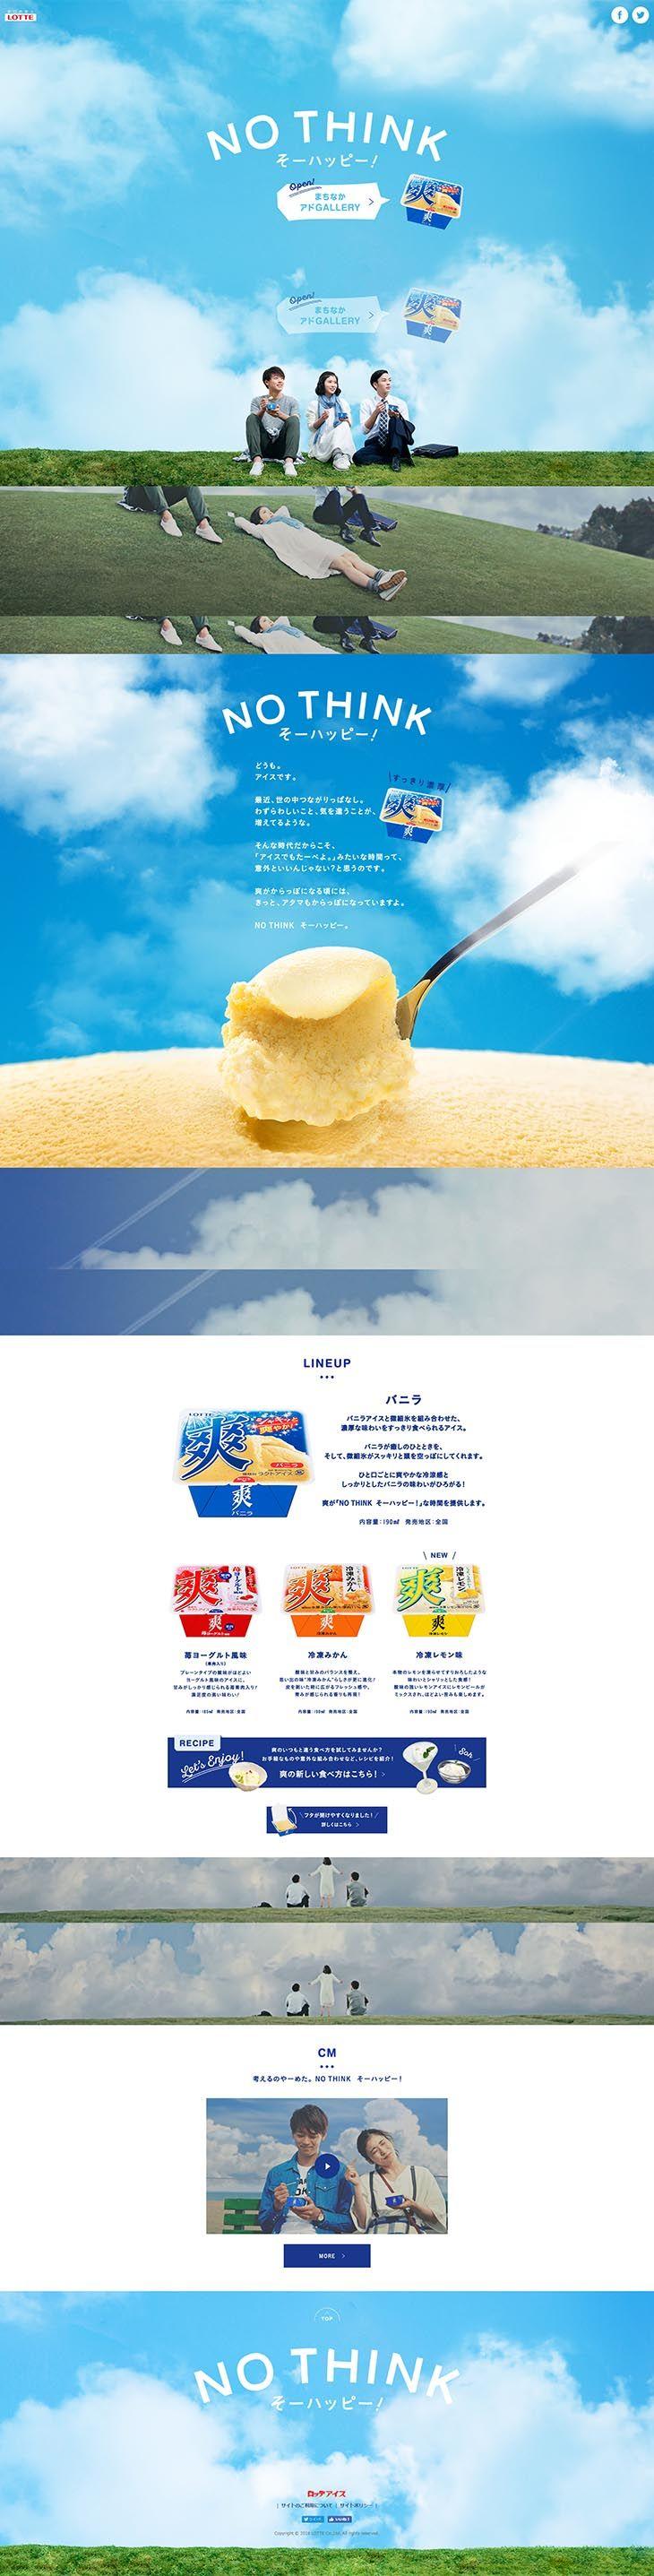 爽【食品関連】のLPデザイン。WEBデザイナーさん必見!ランディングページのデザイン参考に(爽やか系)